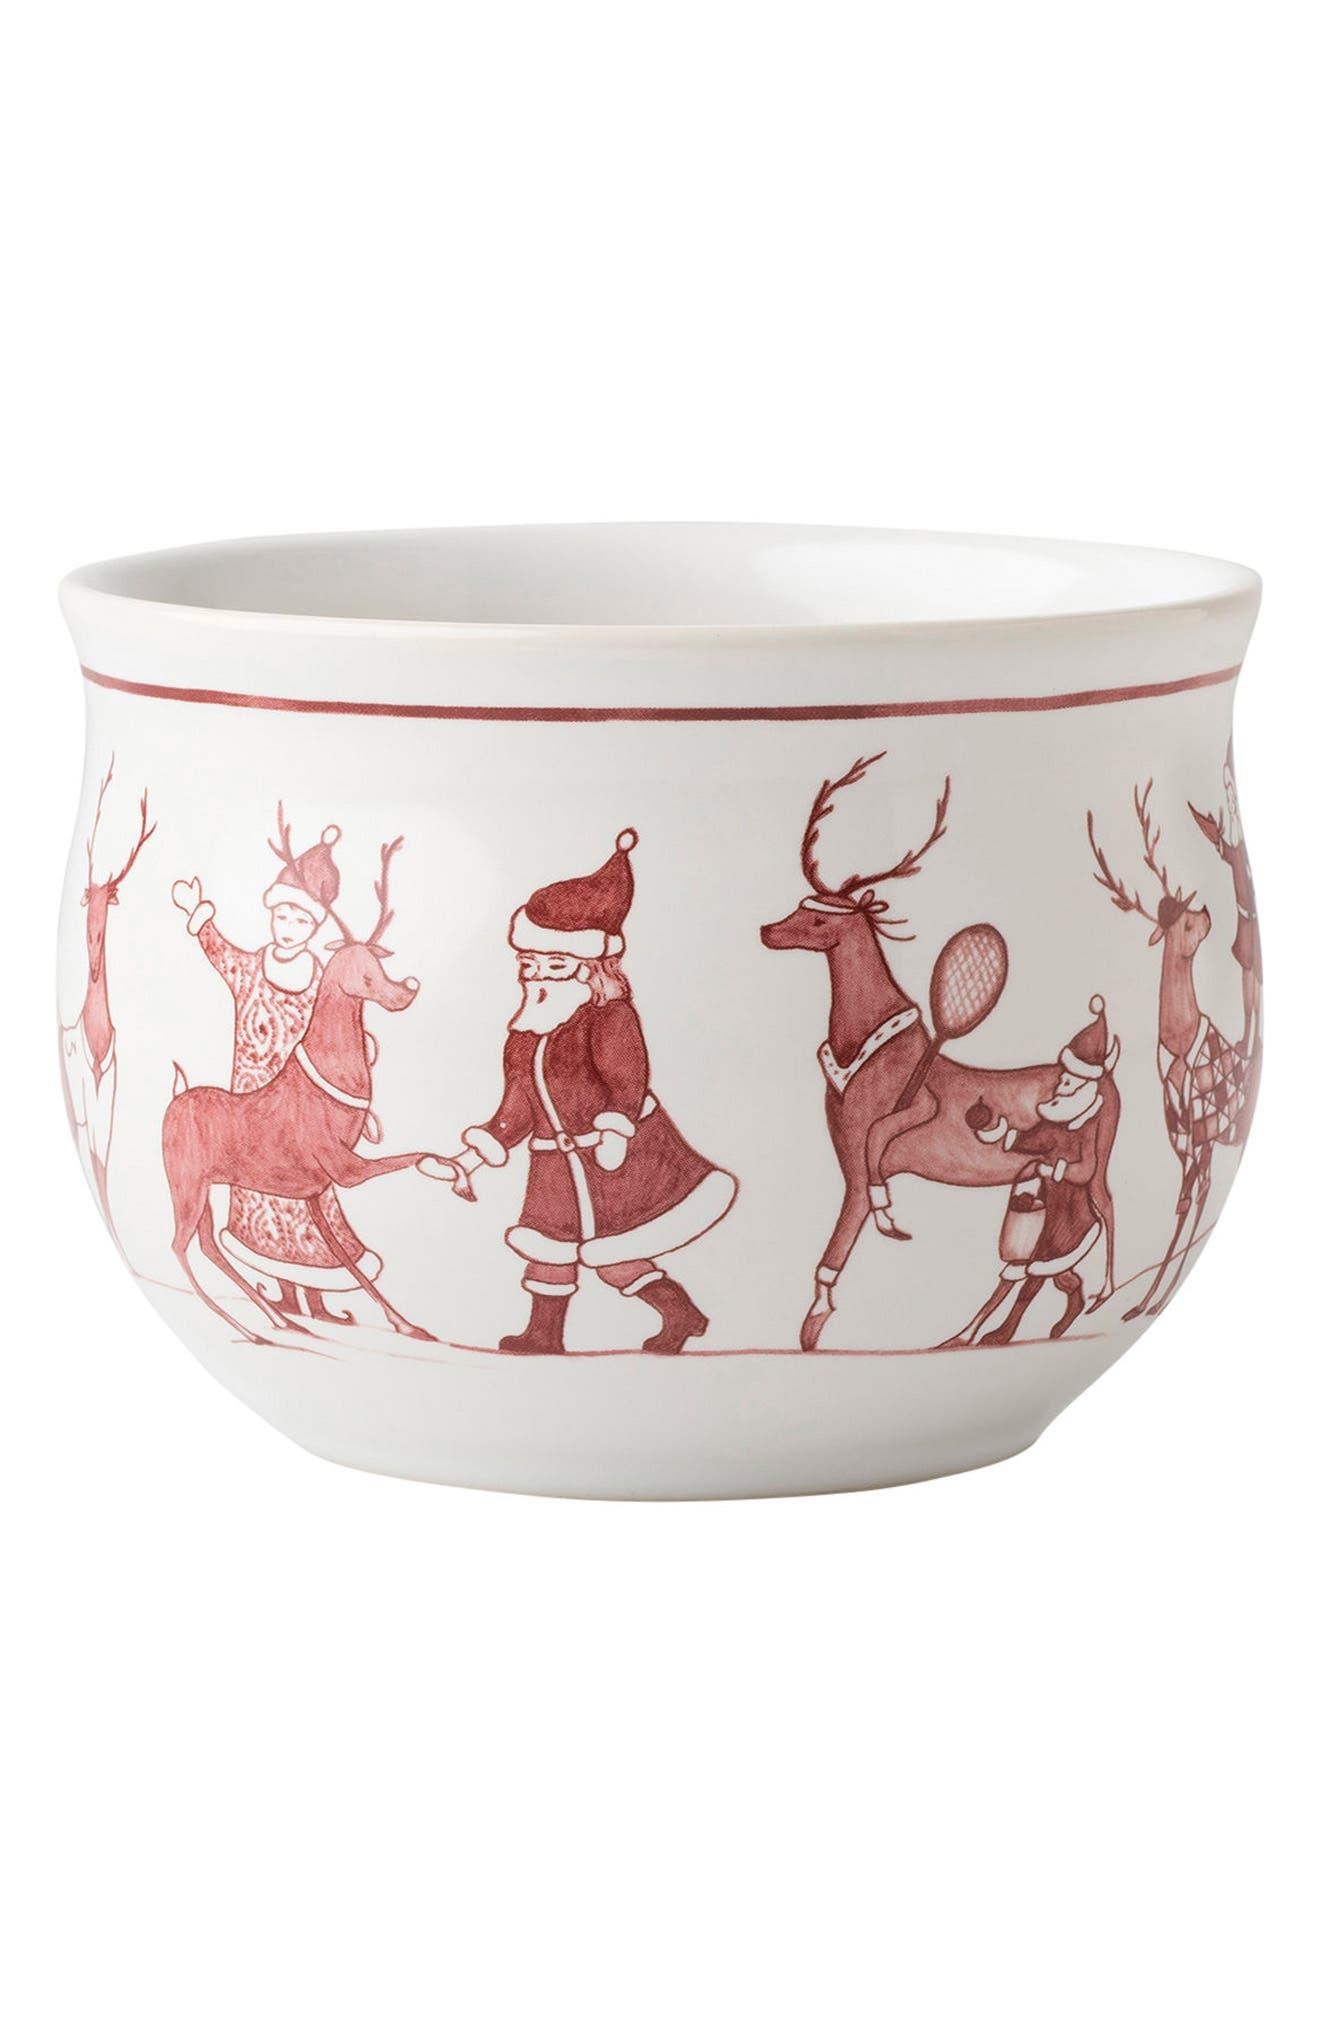 Reindeer Games Ceramic Comfort Bowl, Main, color, 100